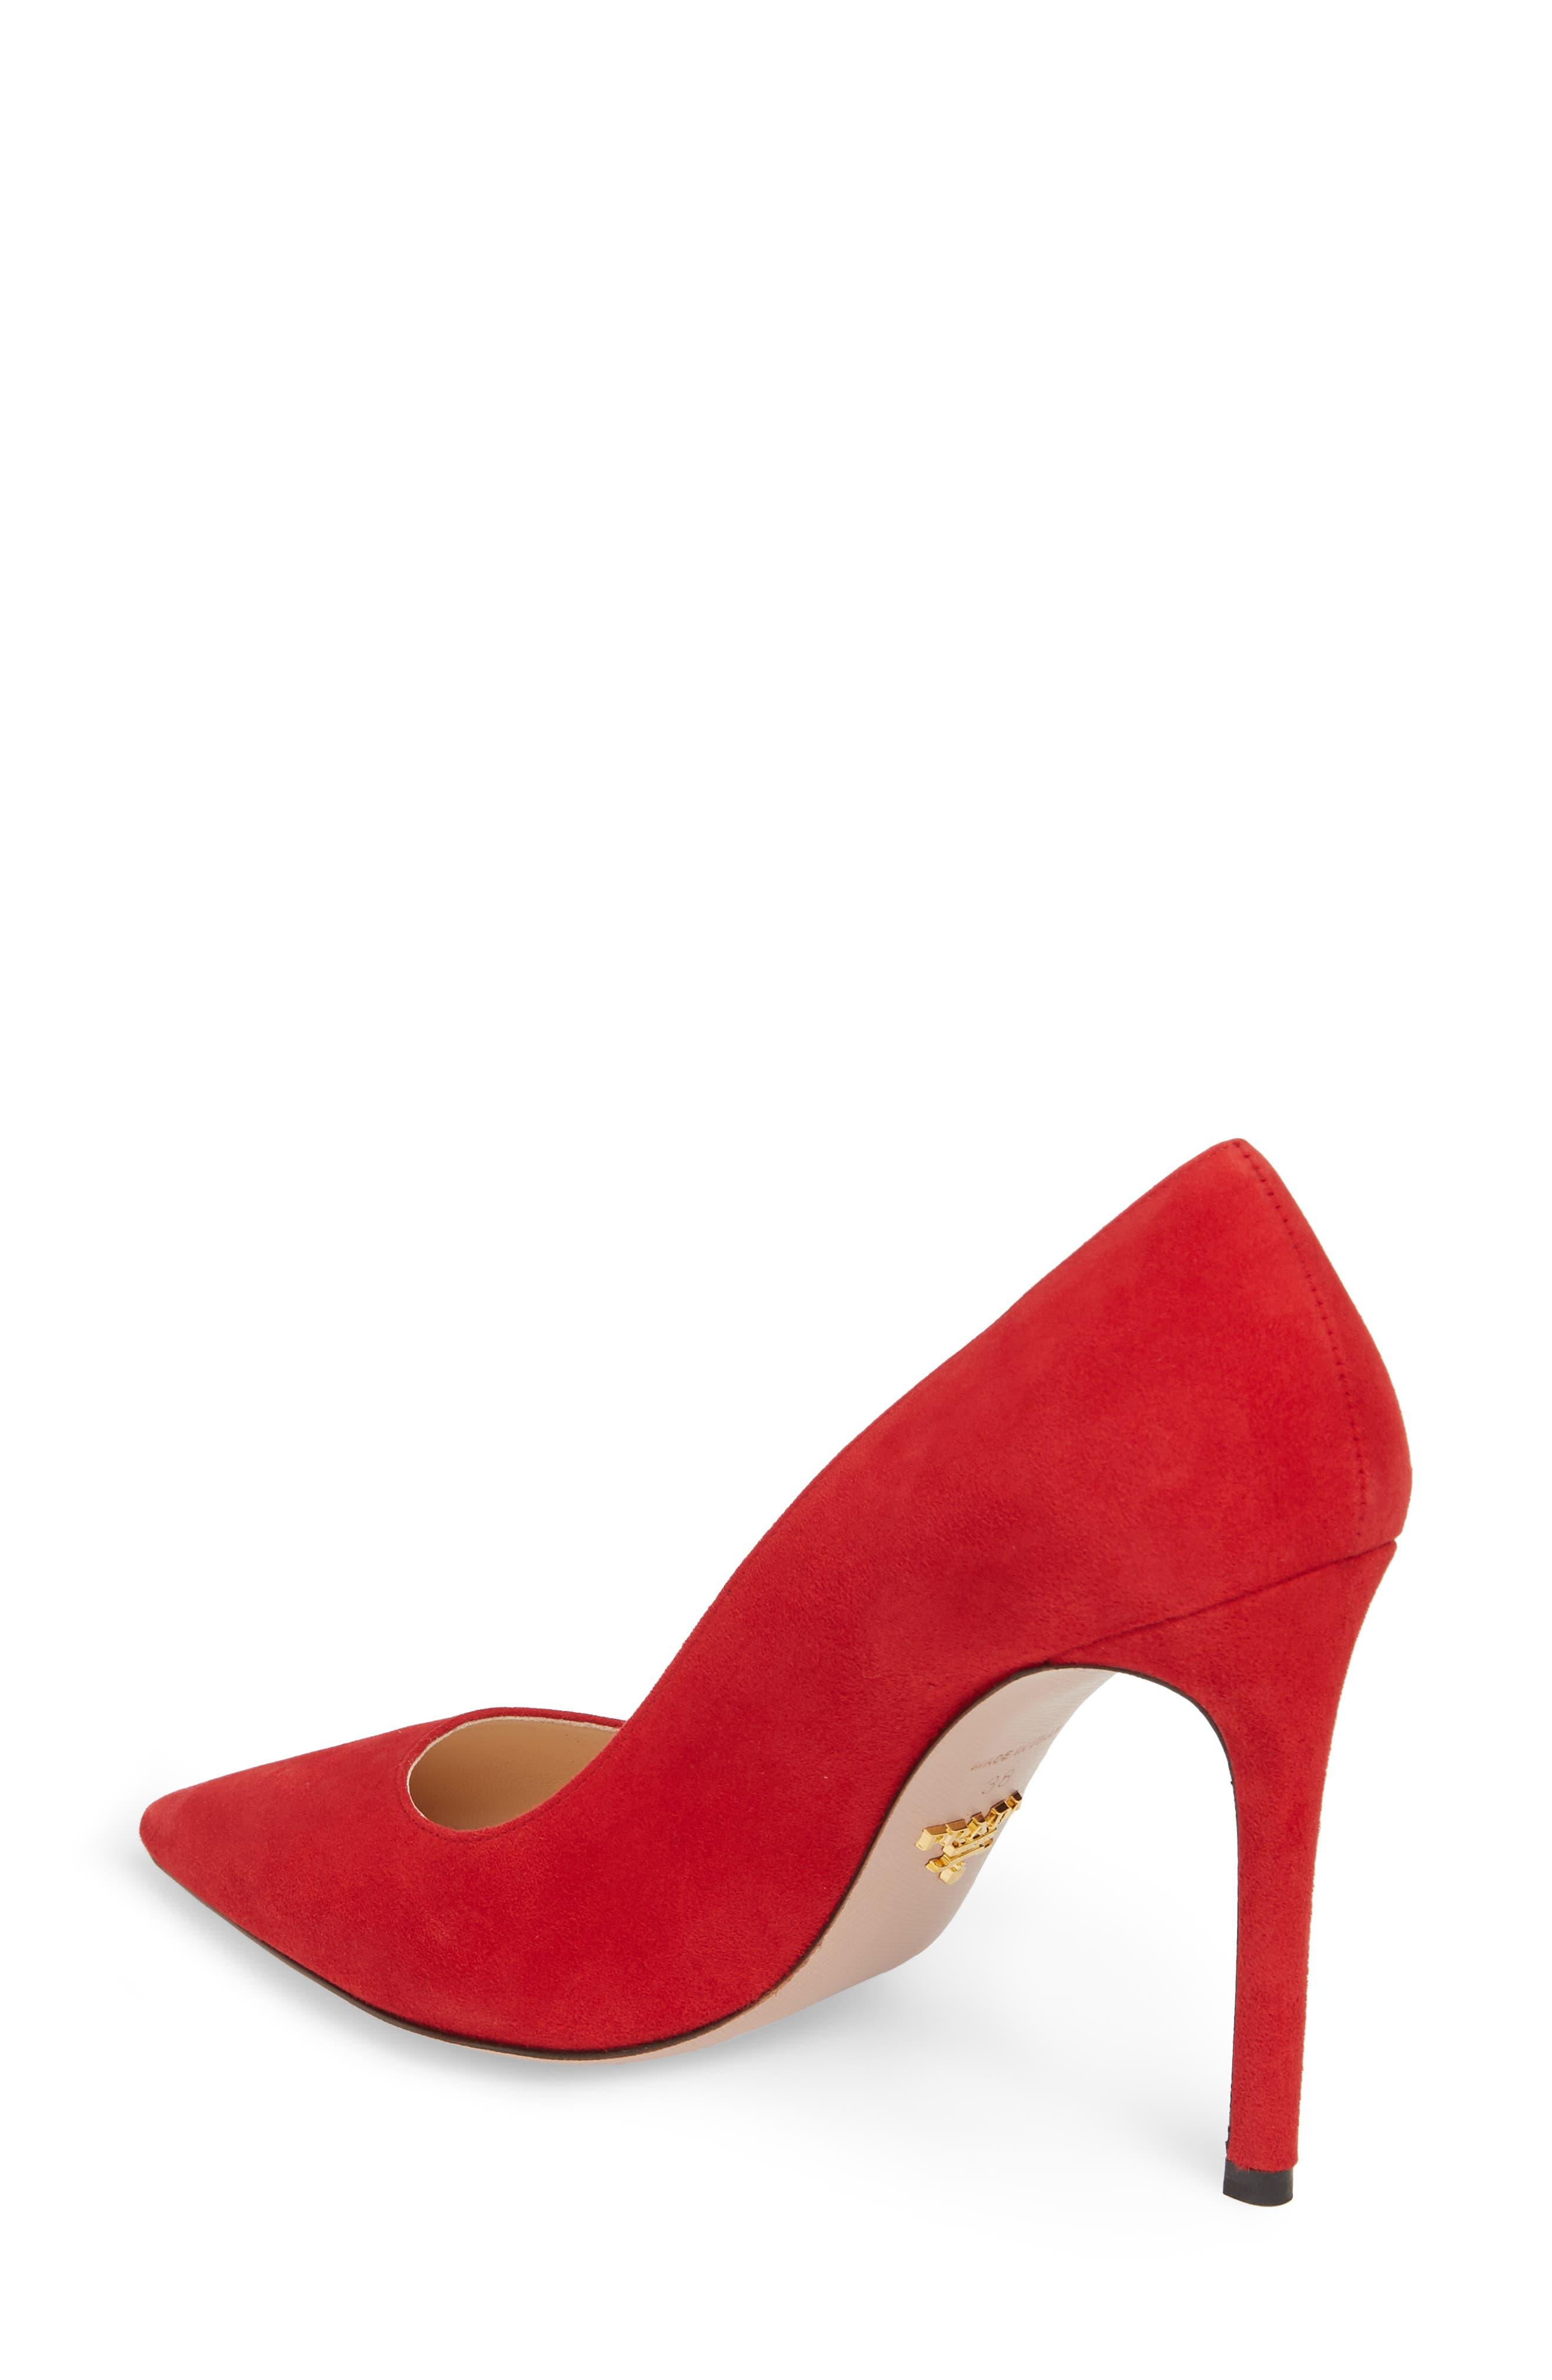 ed16055e712 Prada Women s Shoes